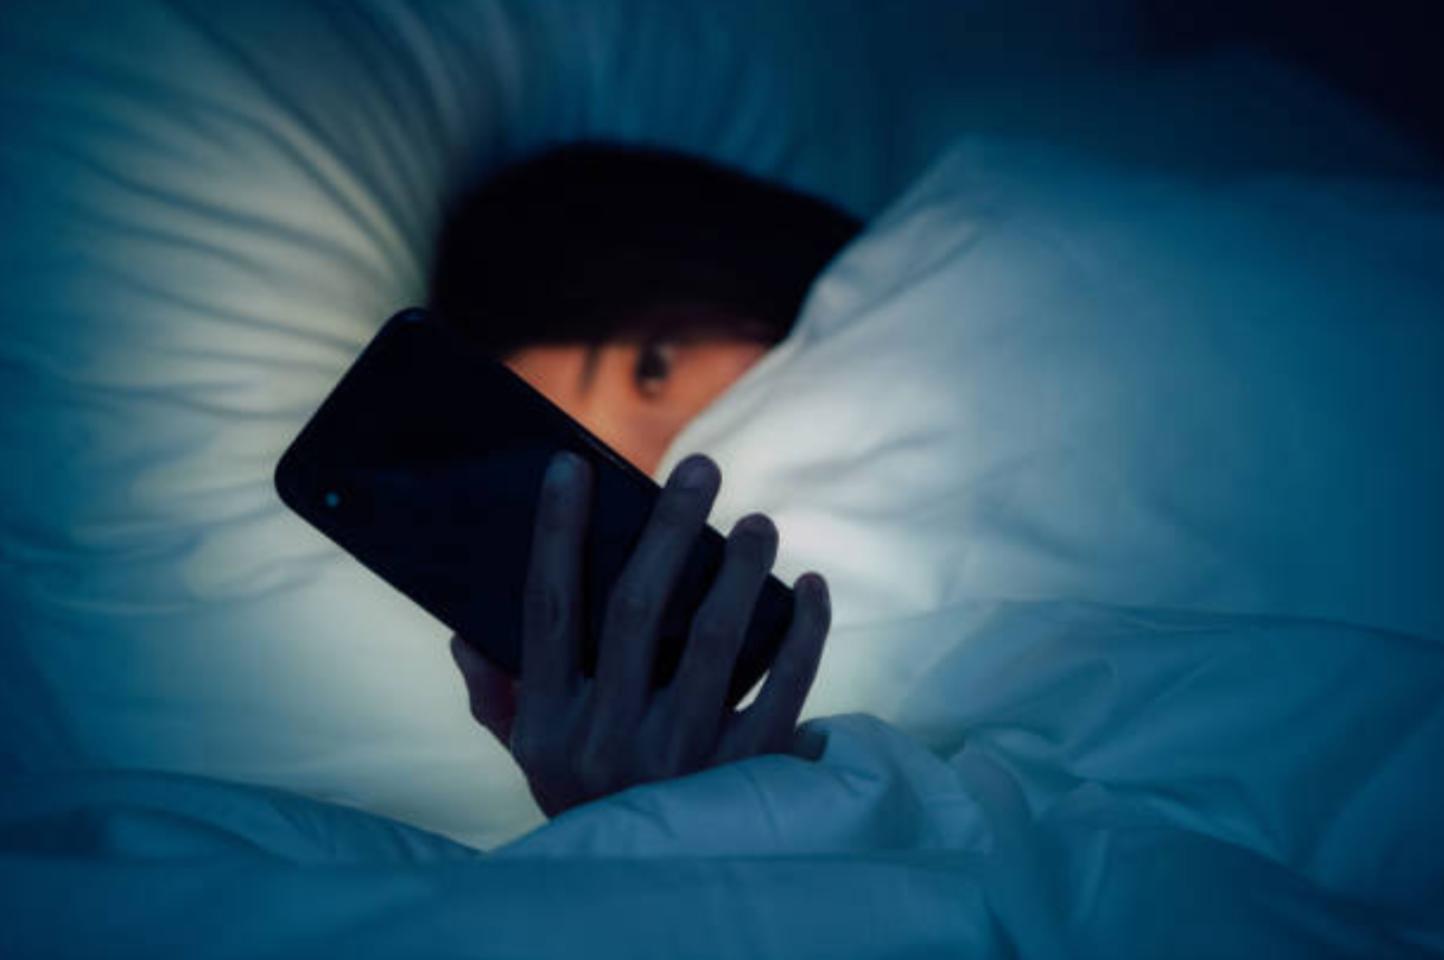 Cuộc hôn nhân hoàn hảo tan vỡ trước bí mật trong điện thoại của chồng-1